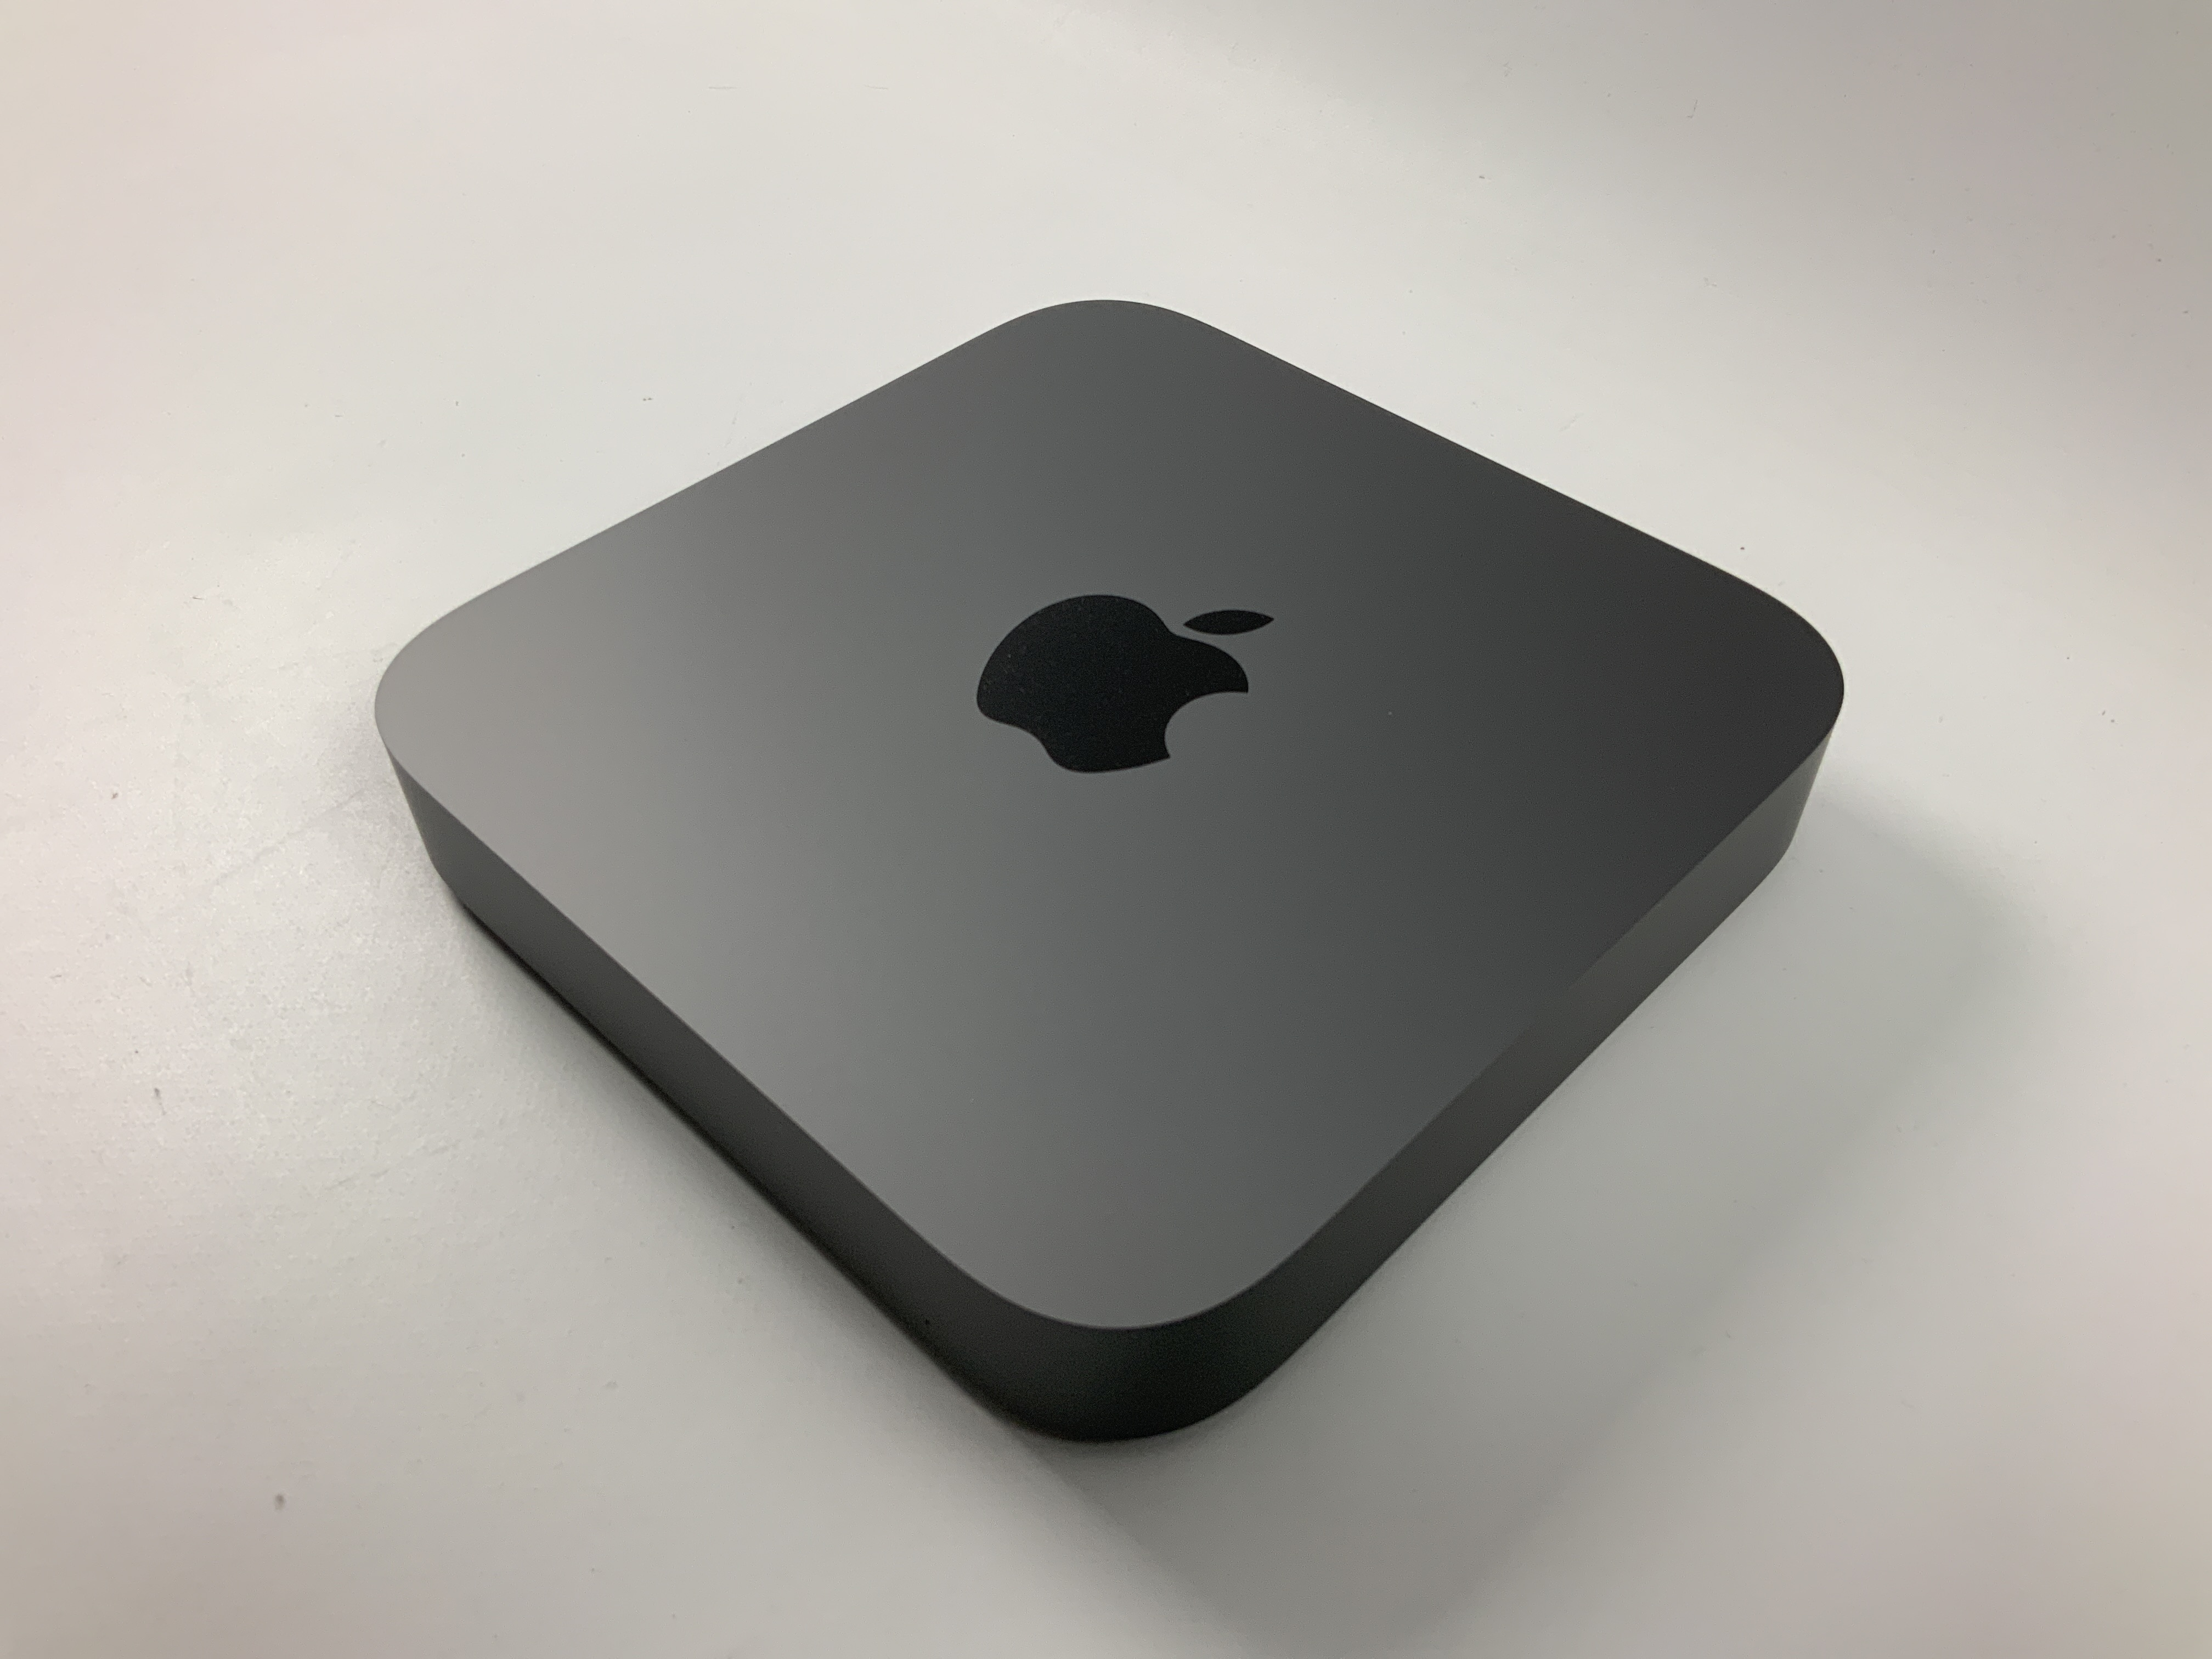 Mac Mini Late 2018 (Intel 6-Core i5 3.0 GHz 32 GB RAM 512 GB SSD), Intel 6-Core i5 3.0 GHz, 32 GB RAM, 512 GB SSD, Bild 3